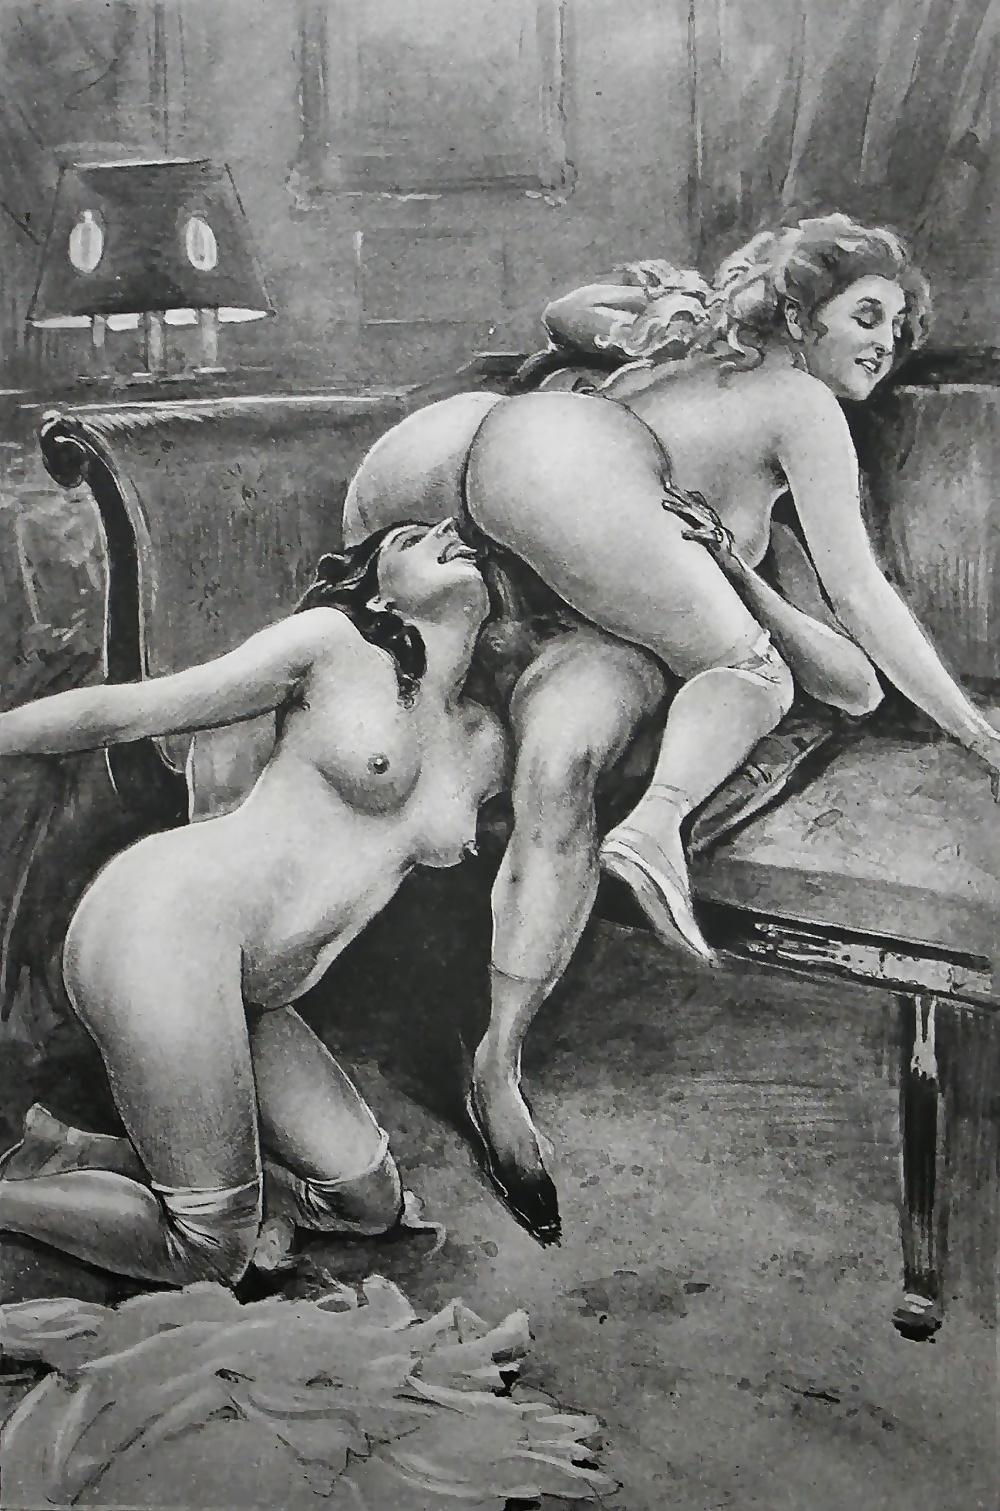 Видео старая эротика рисунки фото сапожках толстые